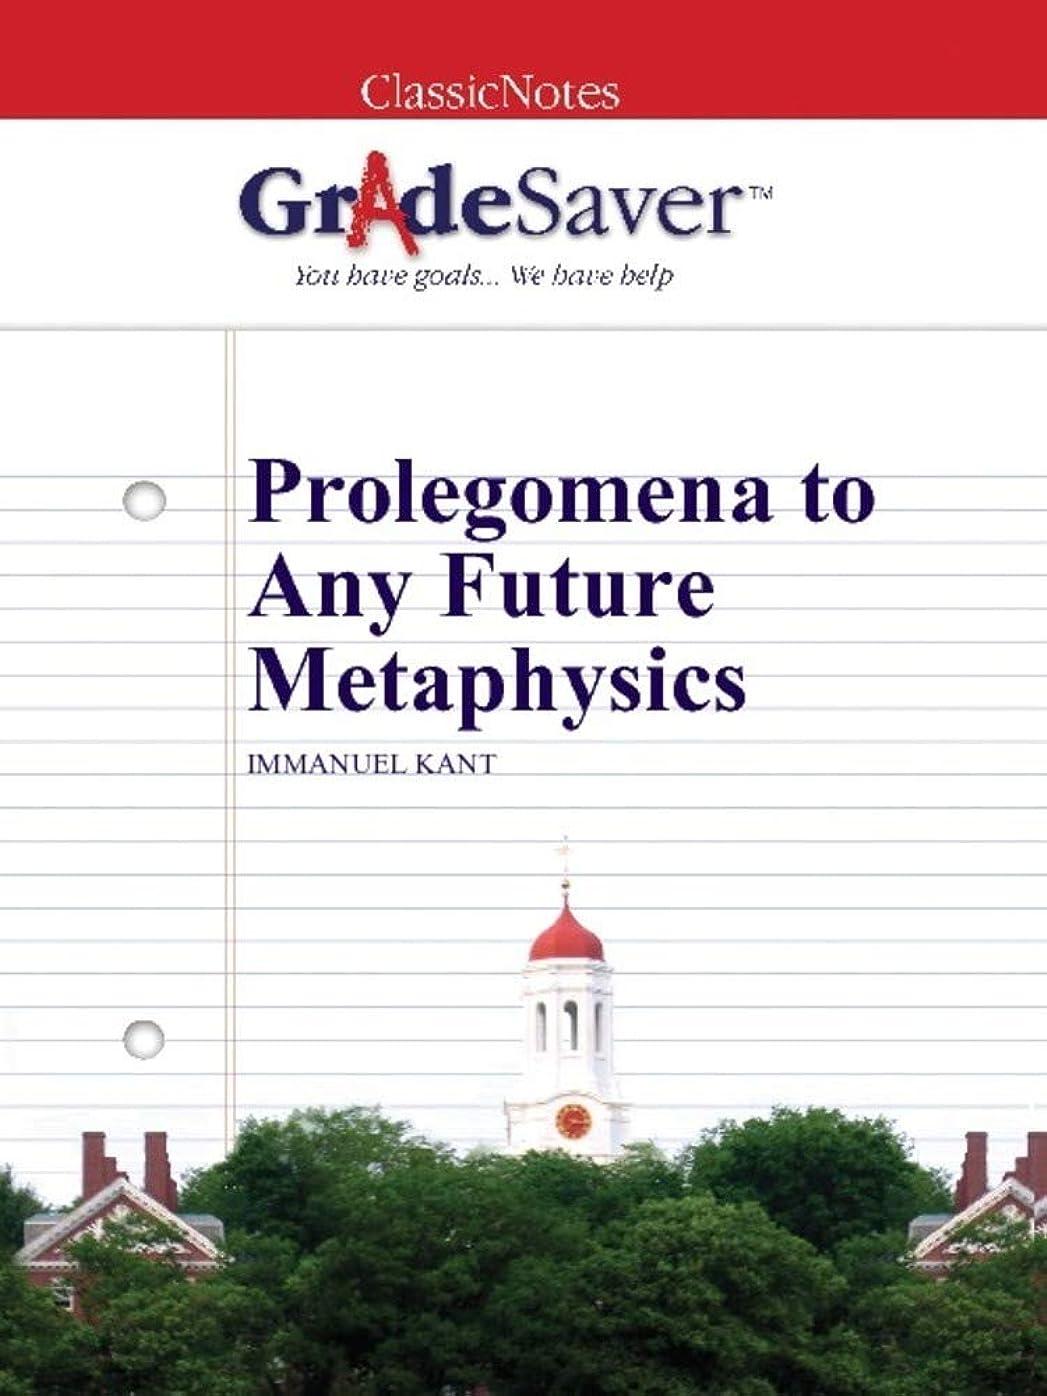 減少囲まれた故障GradeSaver (TM) ClassicNotes: Prolegomena to Any Future Metaphysics (English Edition)